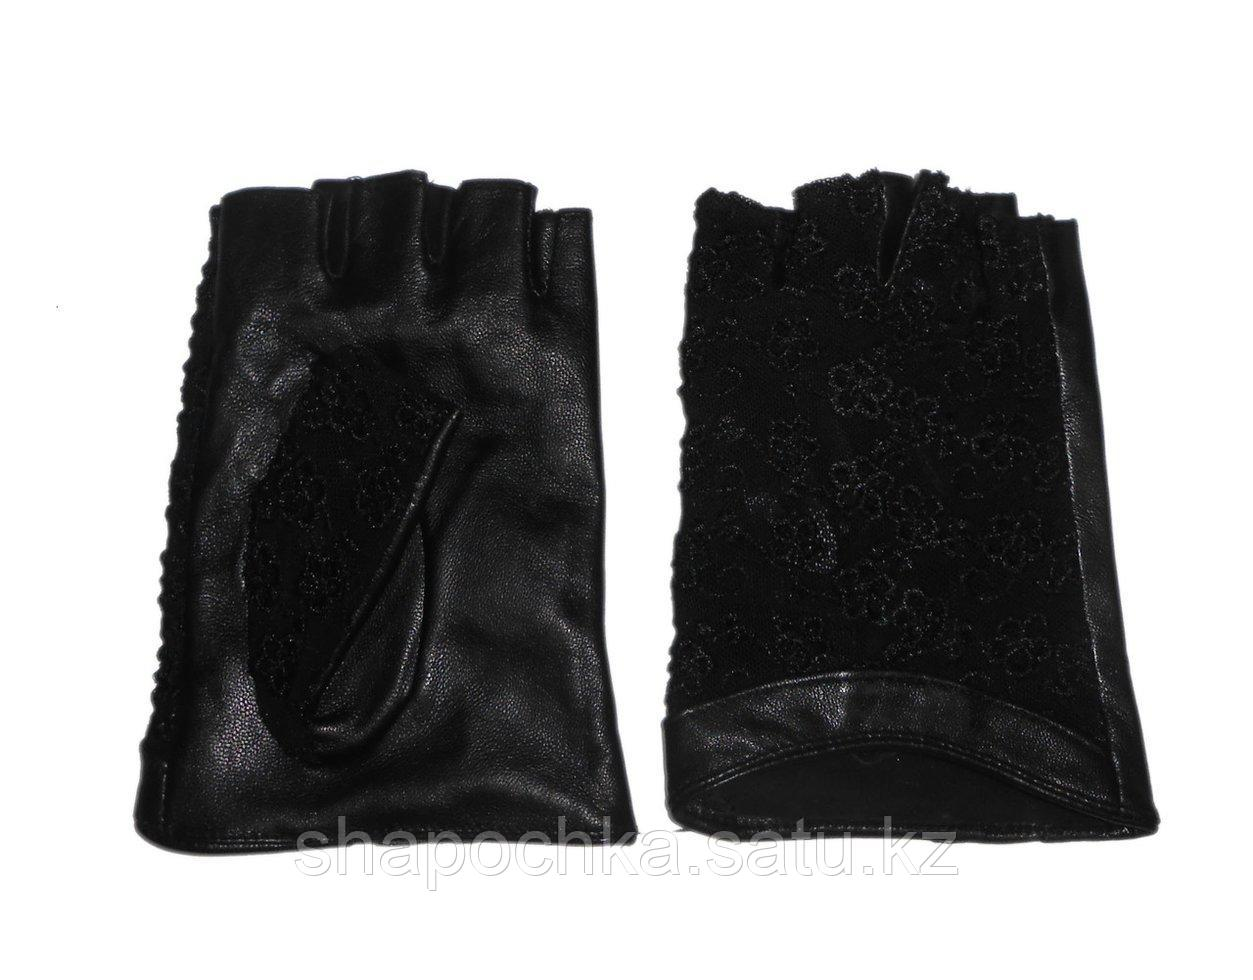 Перчатки жен. без пальцев гипюр черные